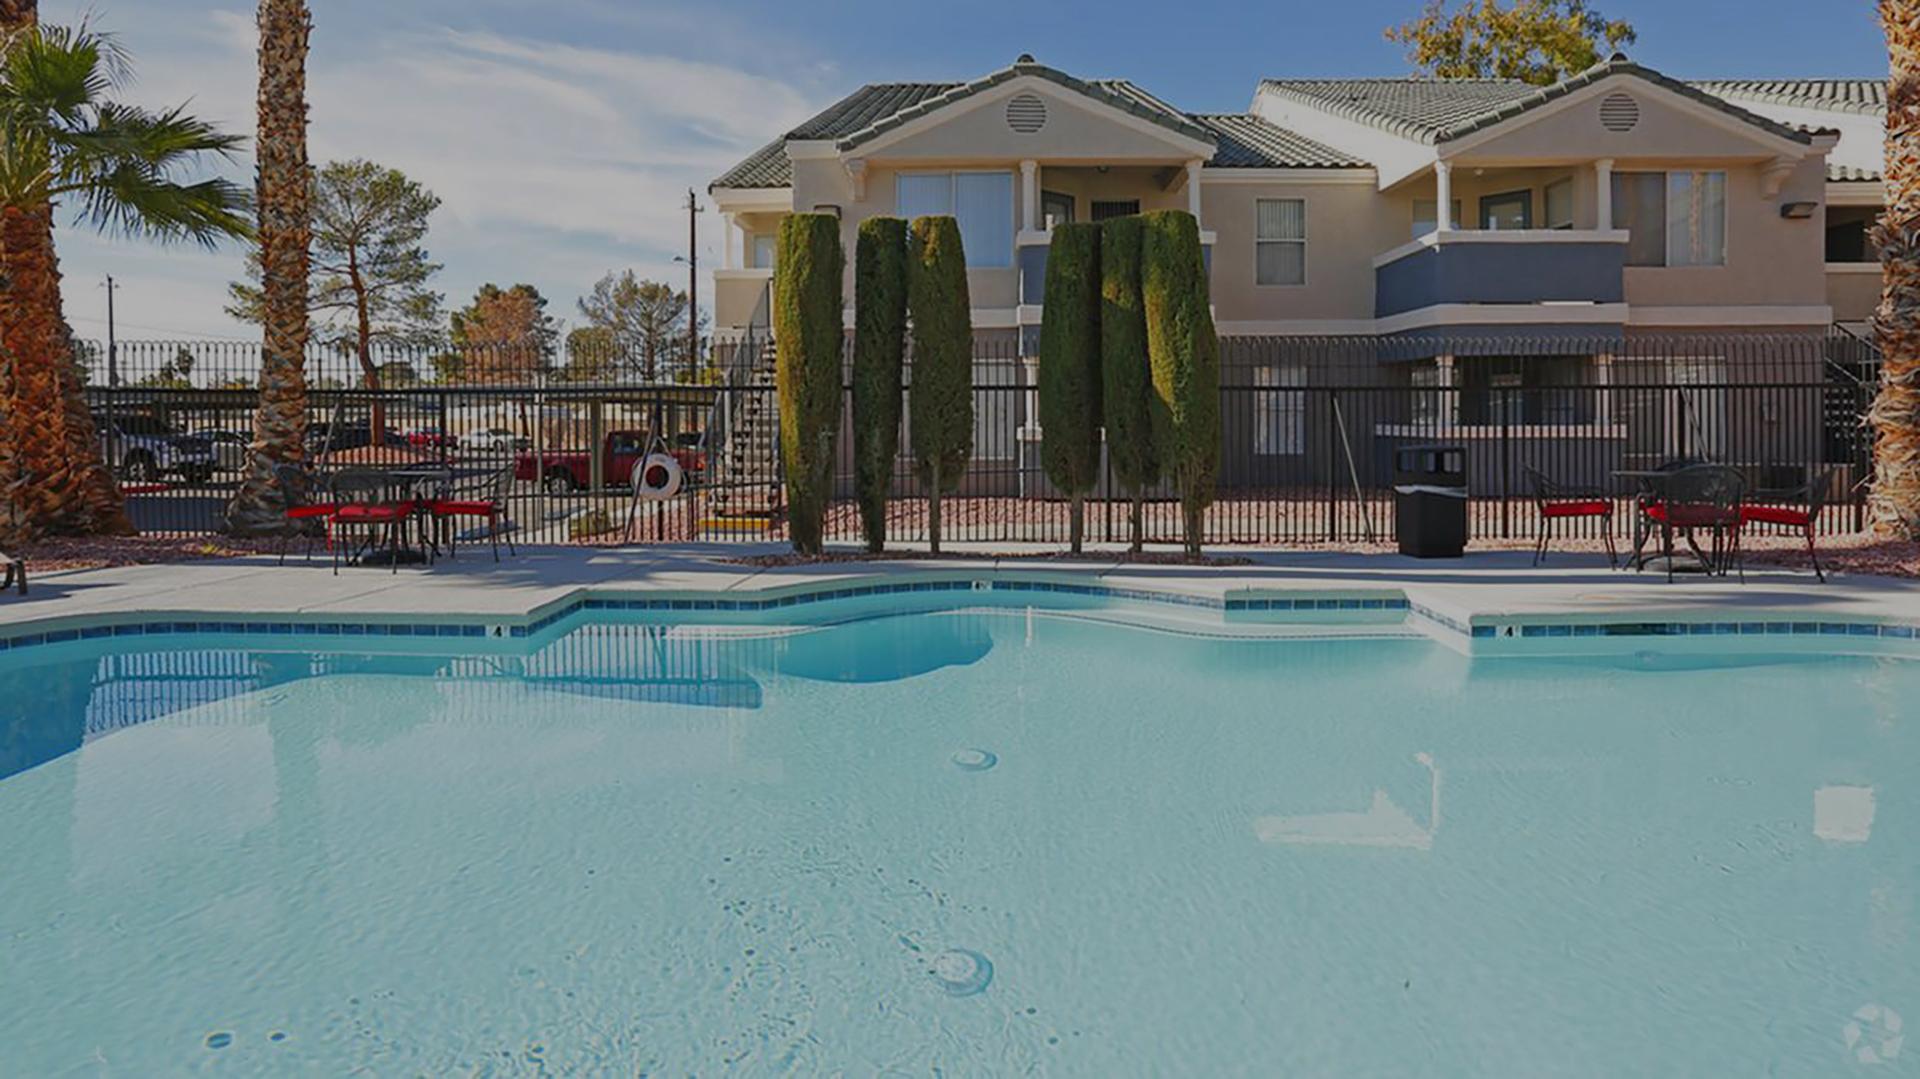 3651 N Rancho Dr. Las Vegas, NV 89130